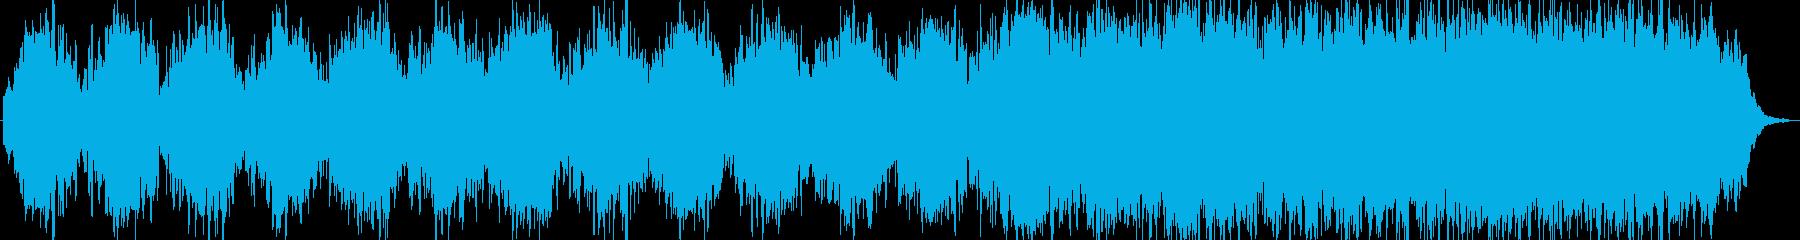 流星をイメージした曲です。の再生済みの波形